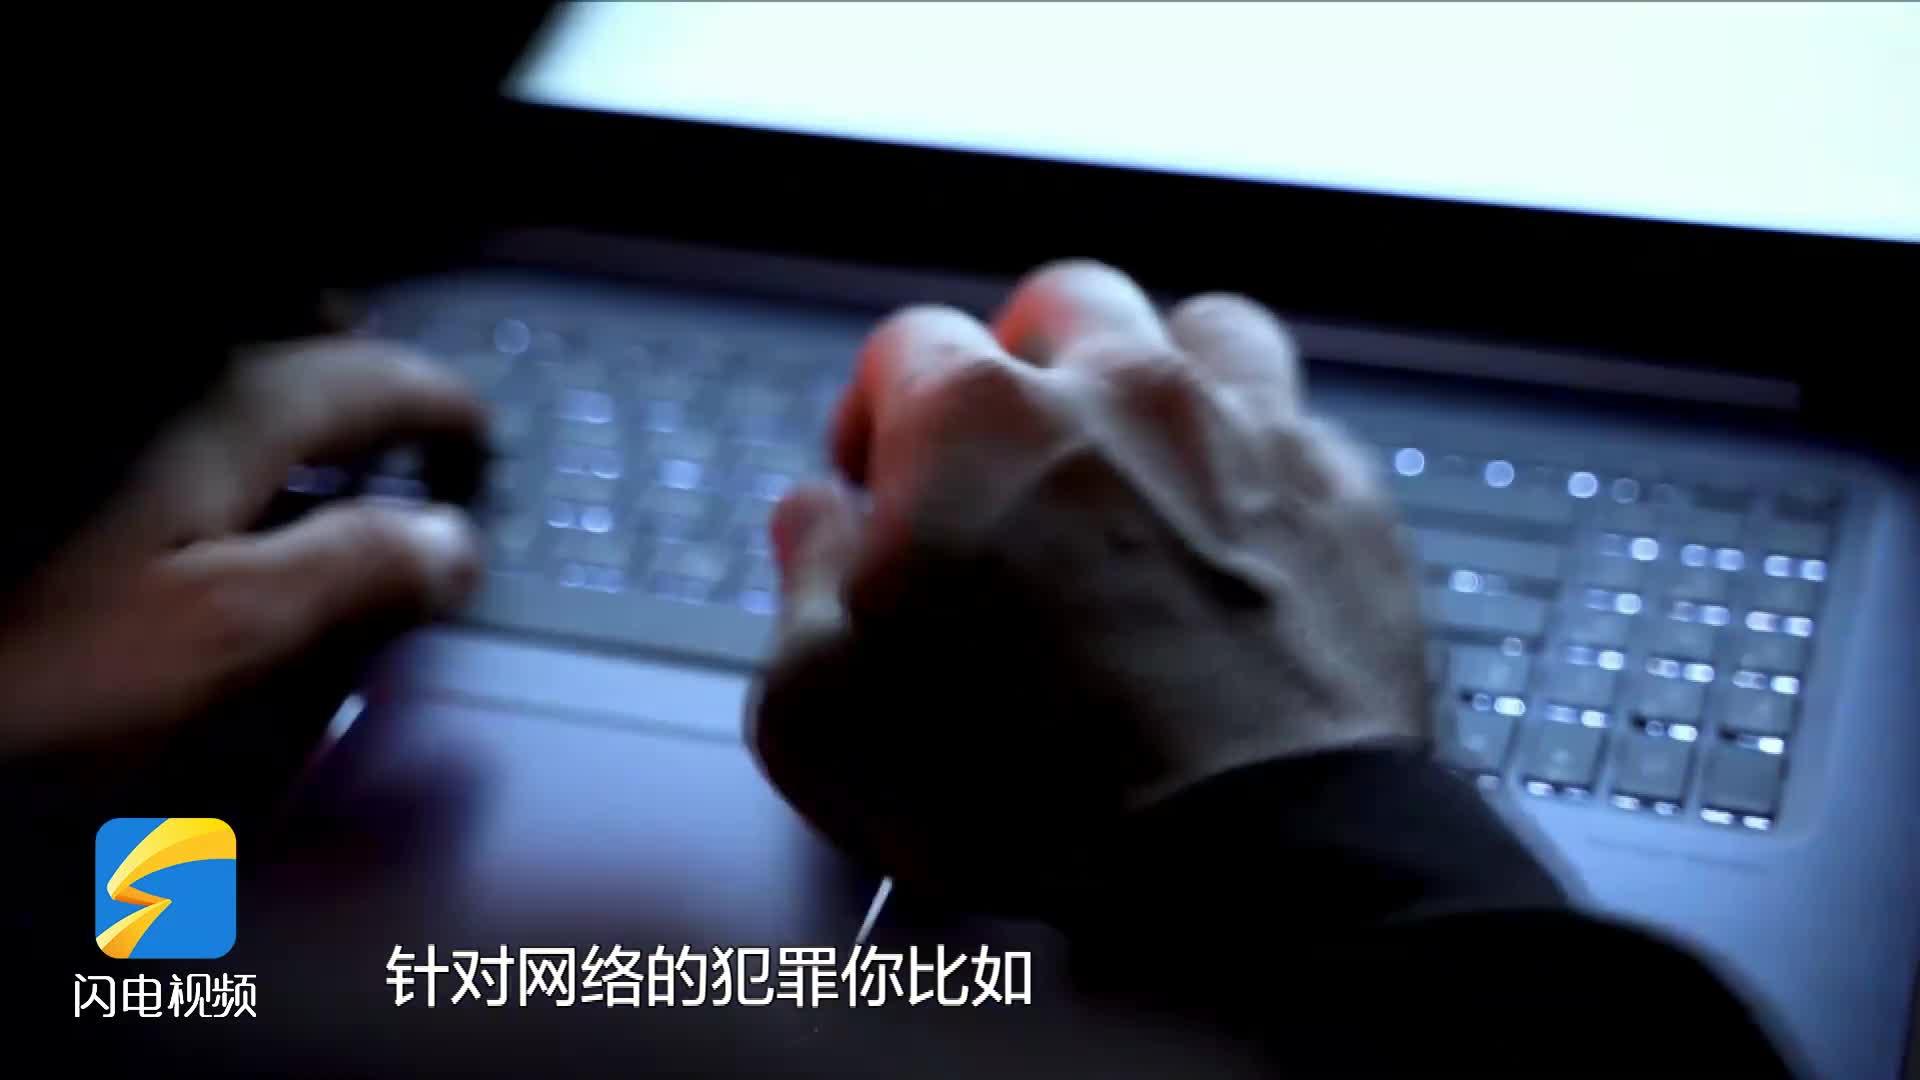 网络安全宣传周|专家告诉你如何防范网络犯罪的两种形式